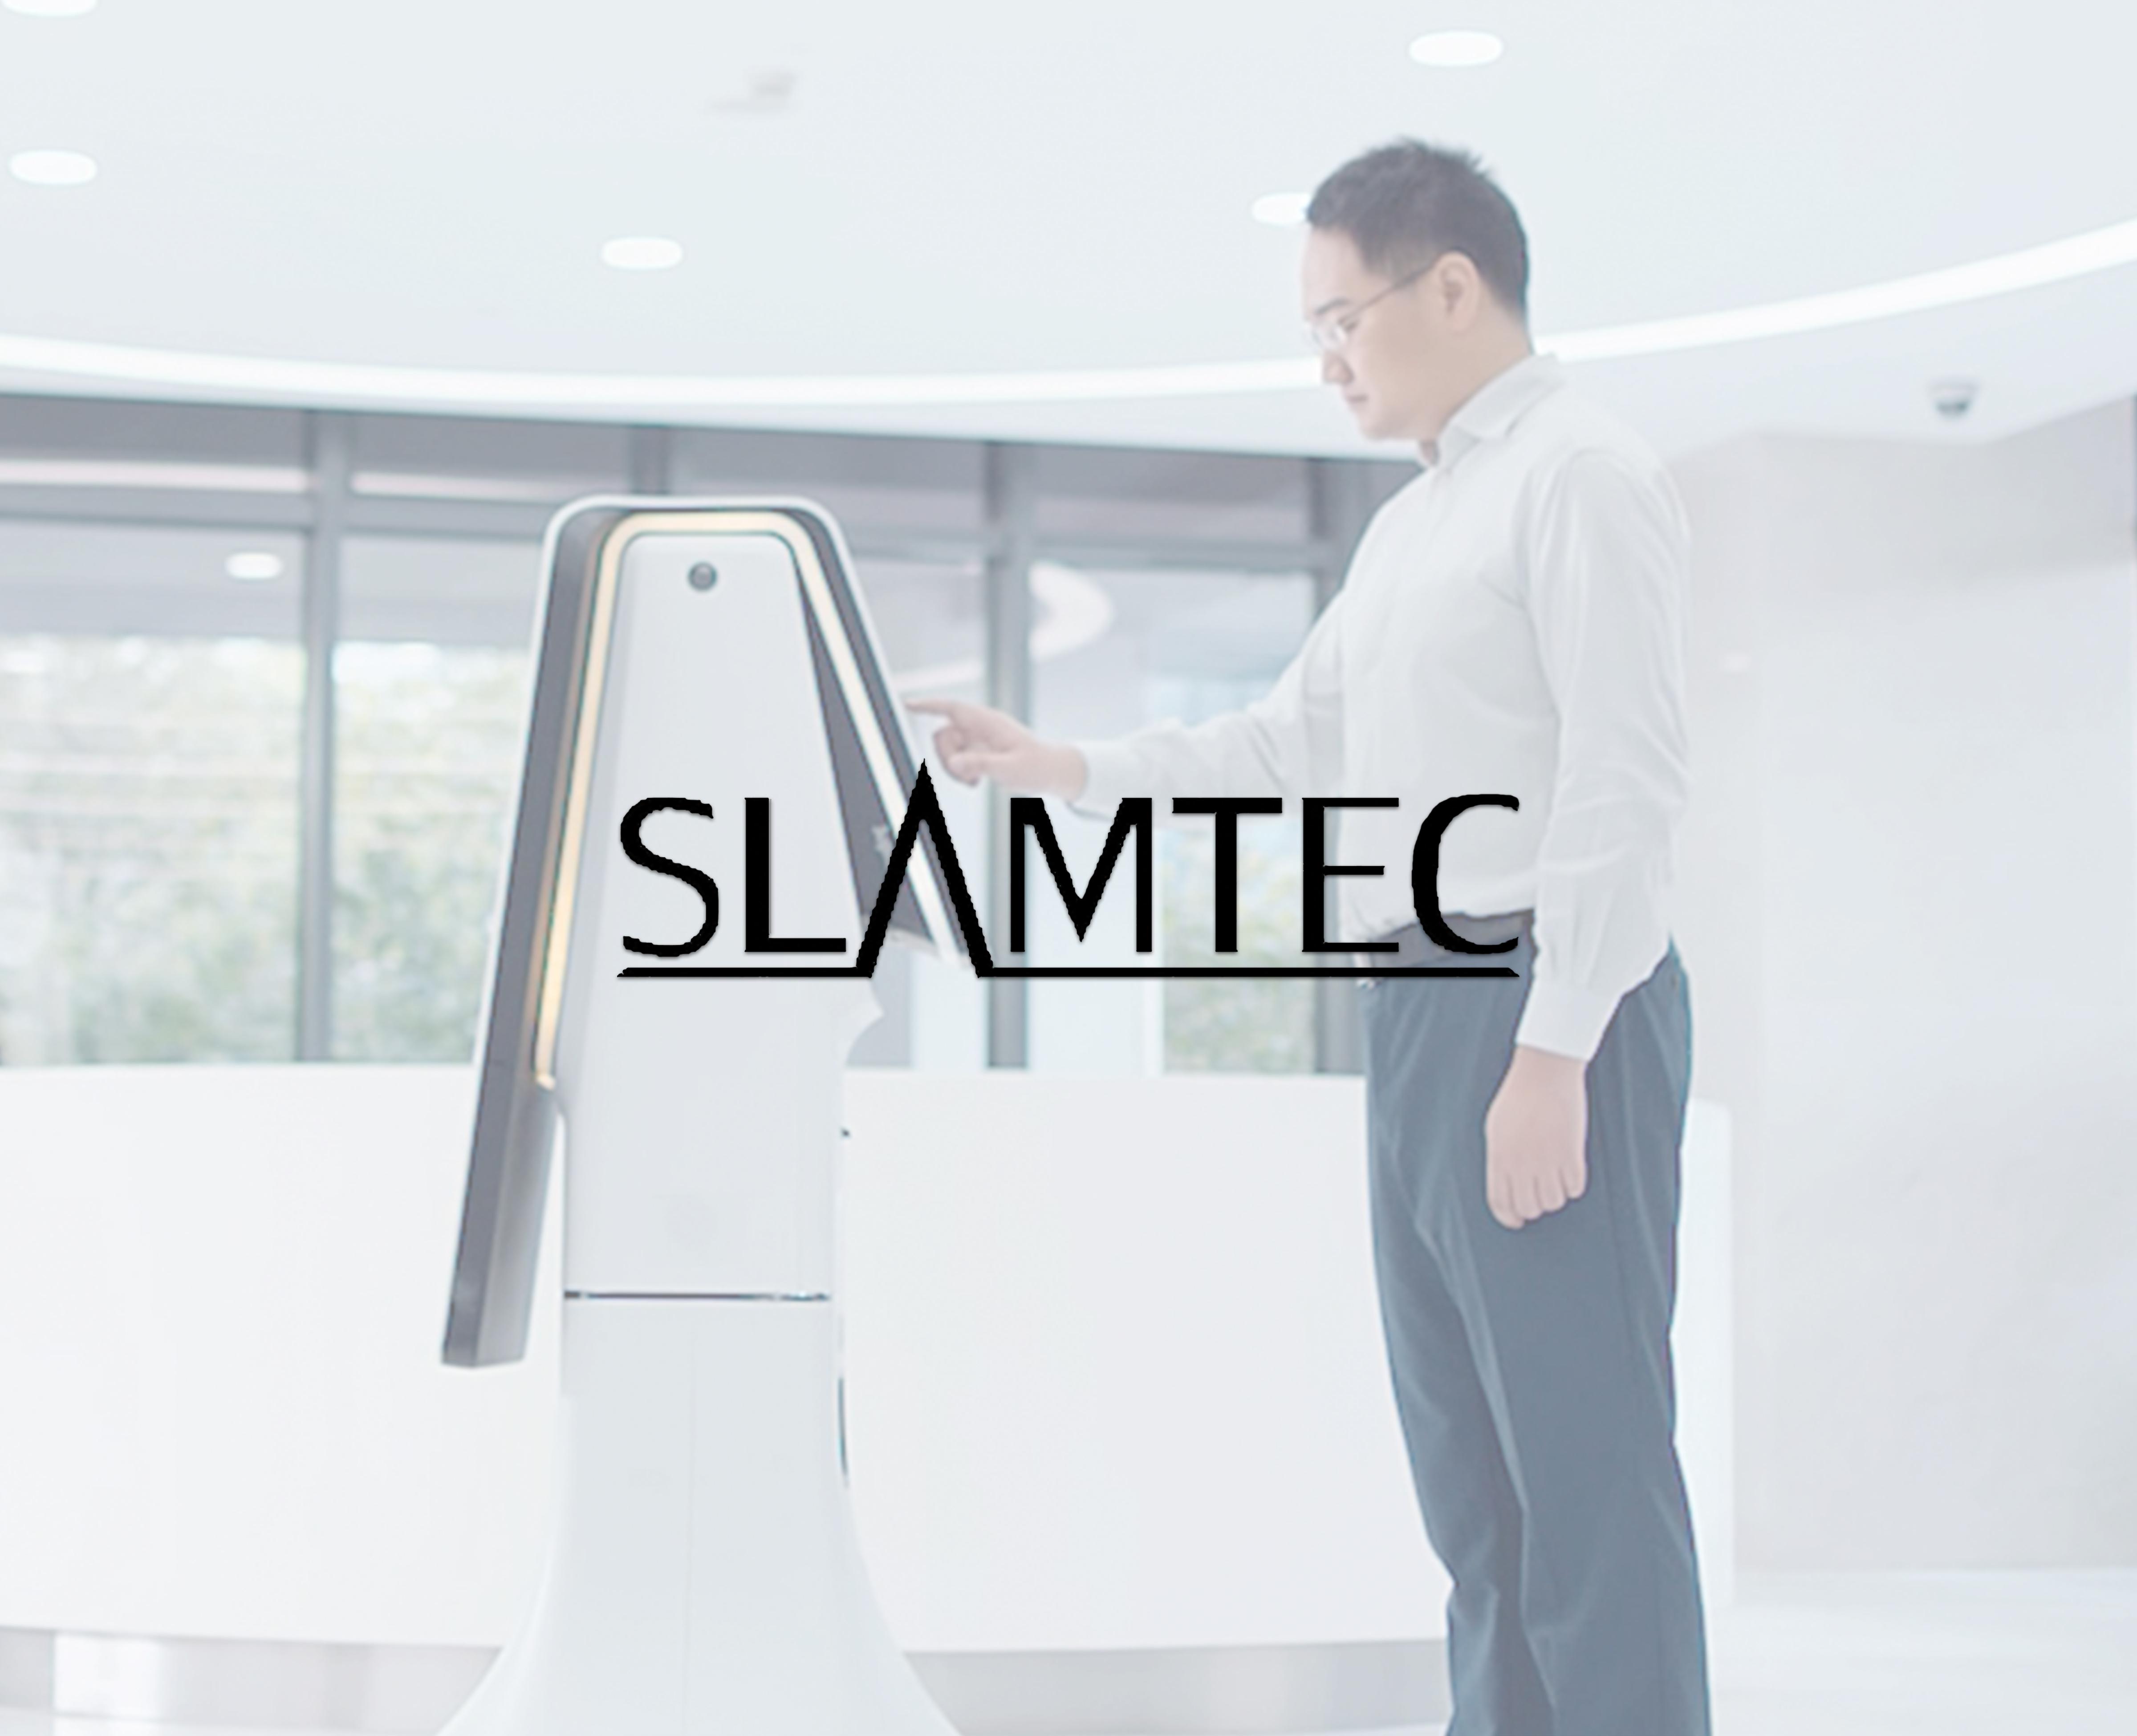 思岚科技企业宣传片